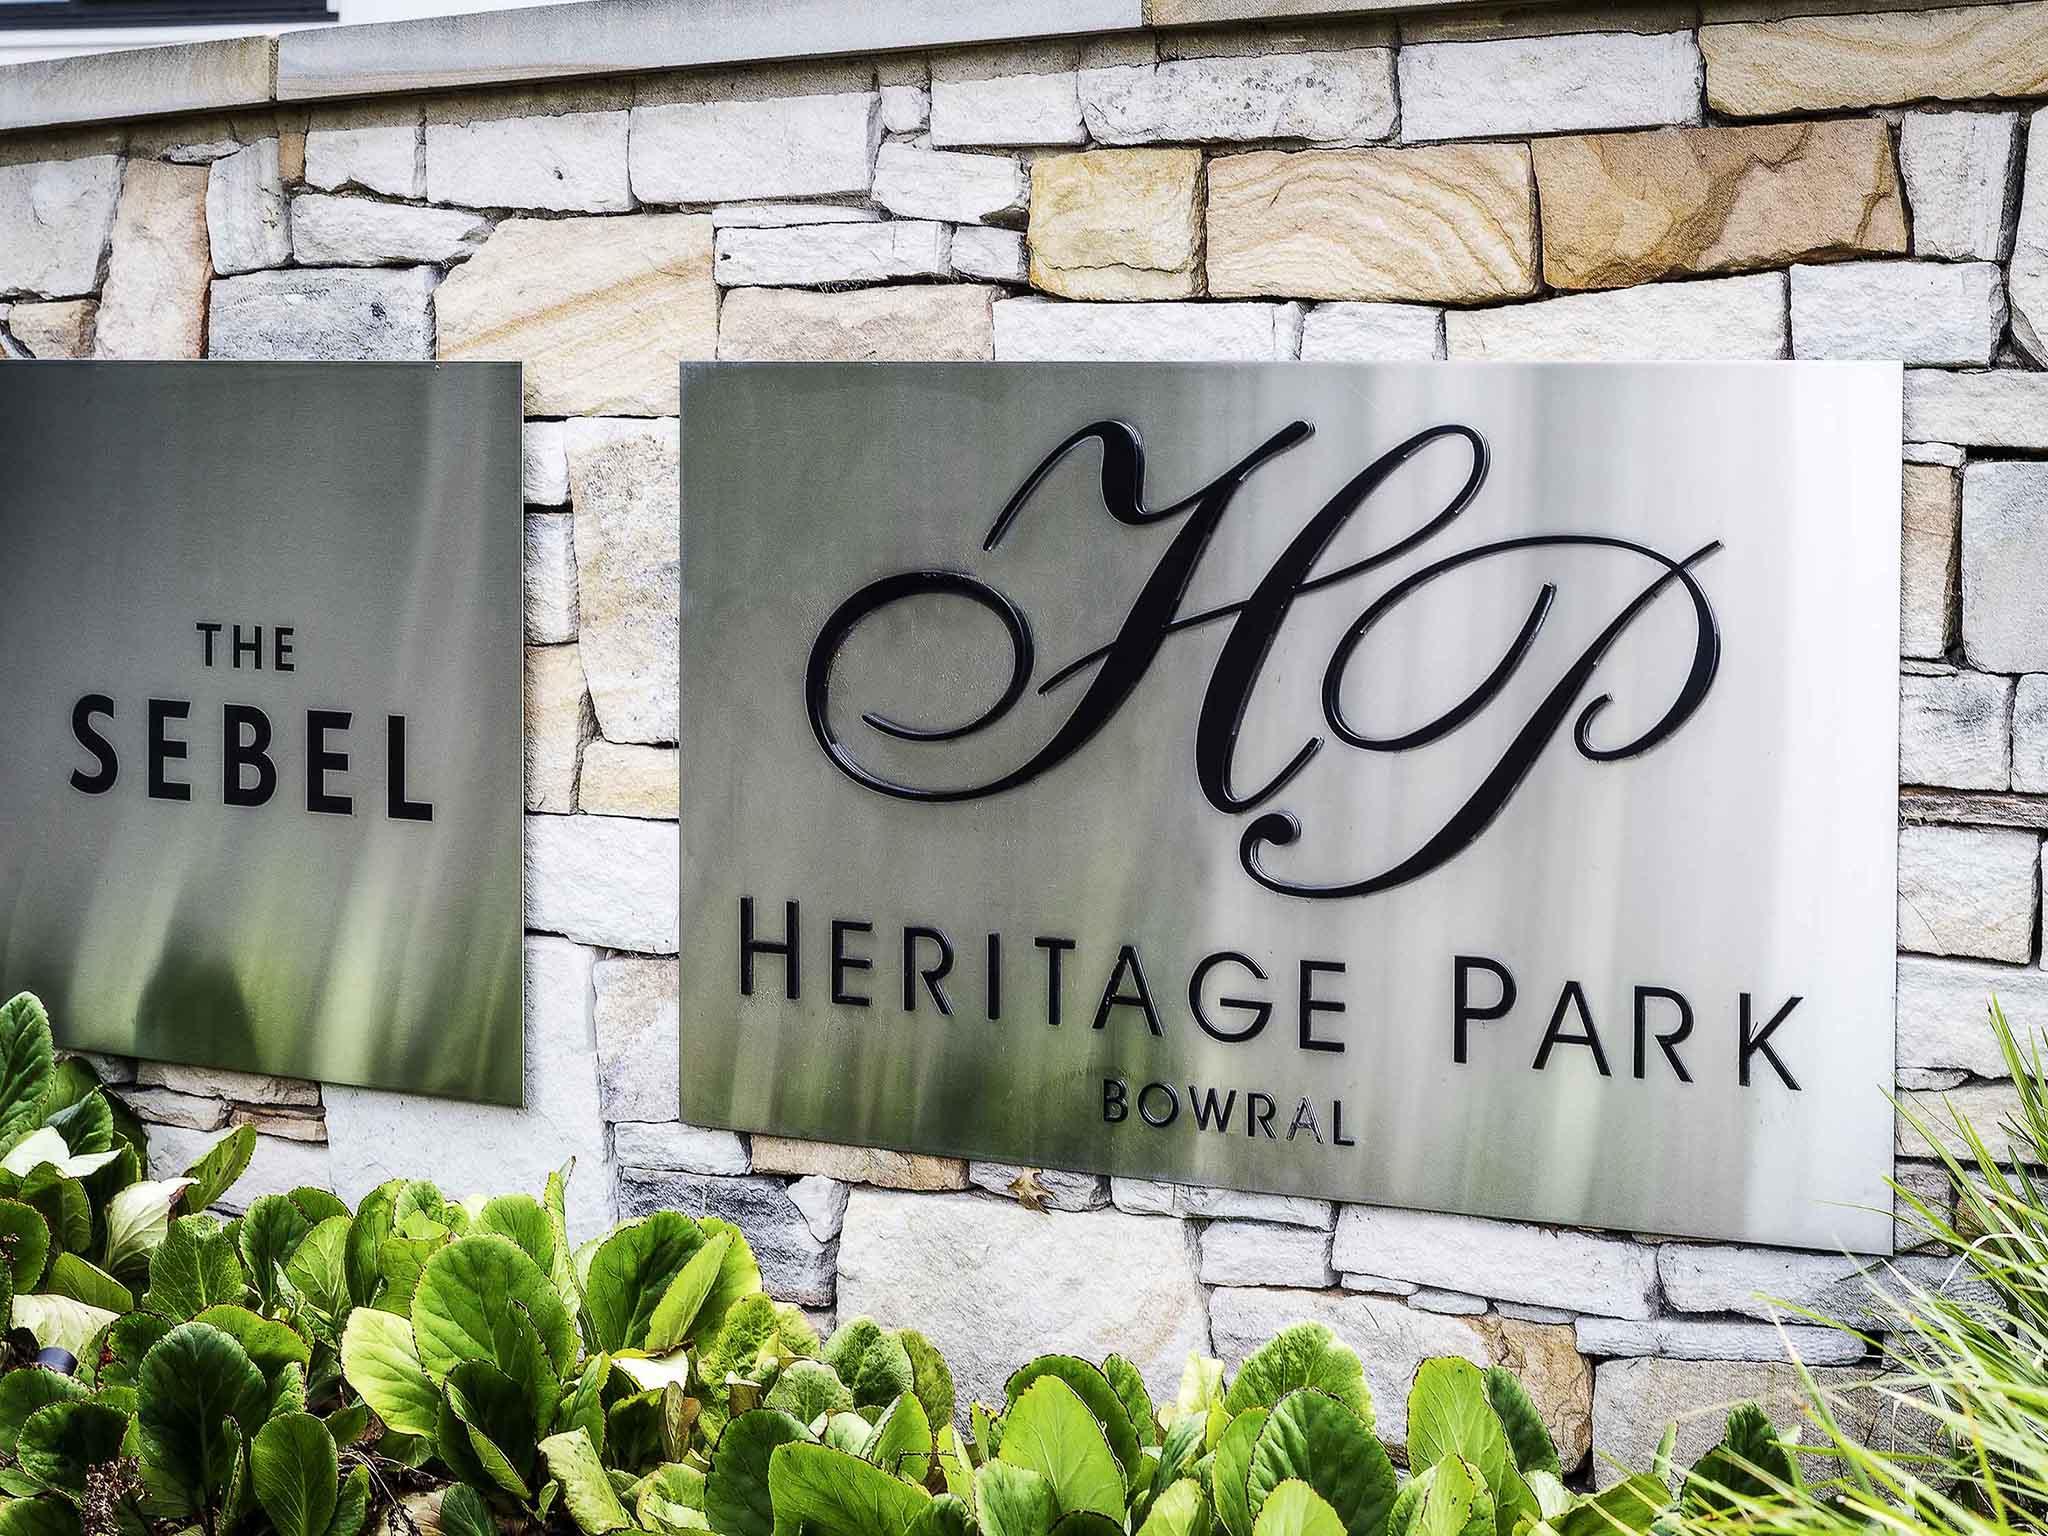 Hôtel - The Sebel Bowral Heritage Park